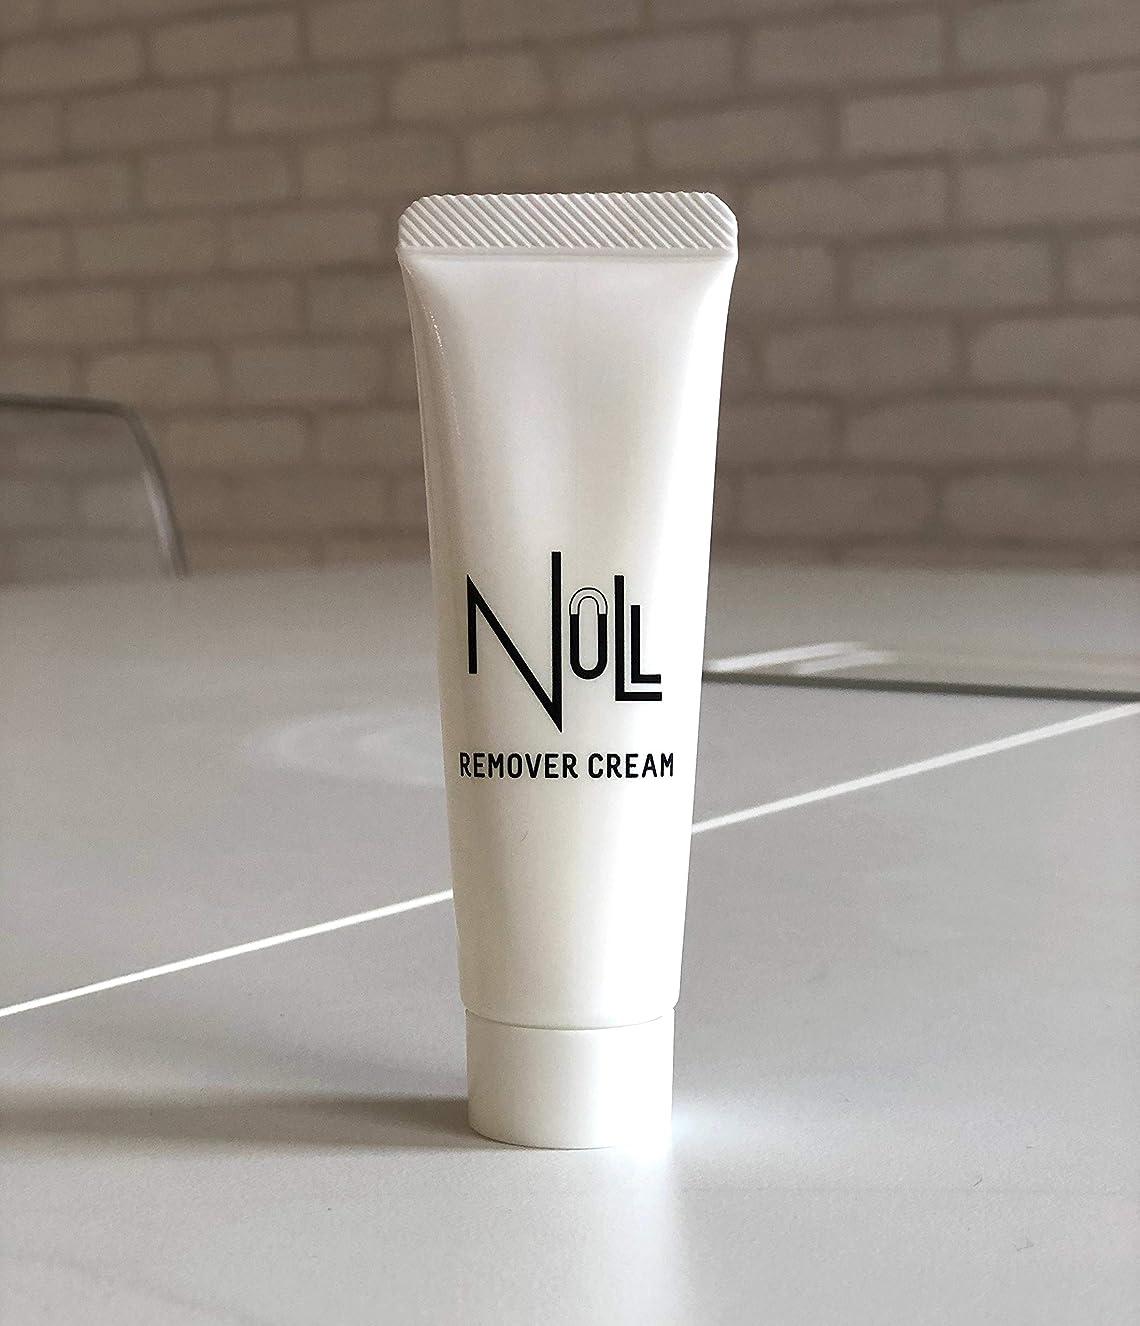 有毒ニュージーランド鍔NULL メンズ 薬用リムーバークリーム 除毛クリーム ミニサンプル 20g [ 陰部/Vライン/アンダーヘア/ボディ用 ]